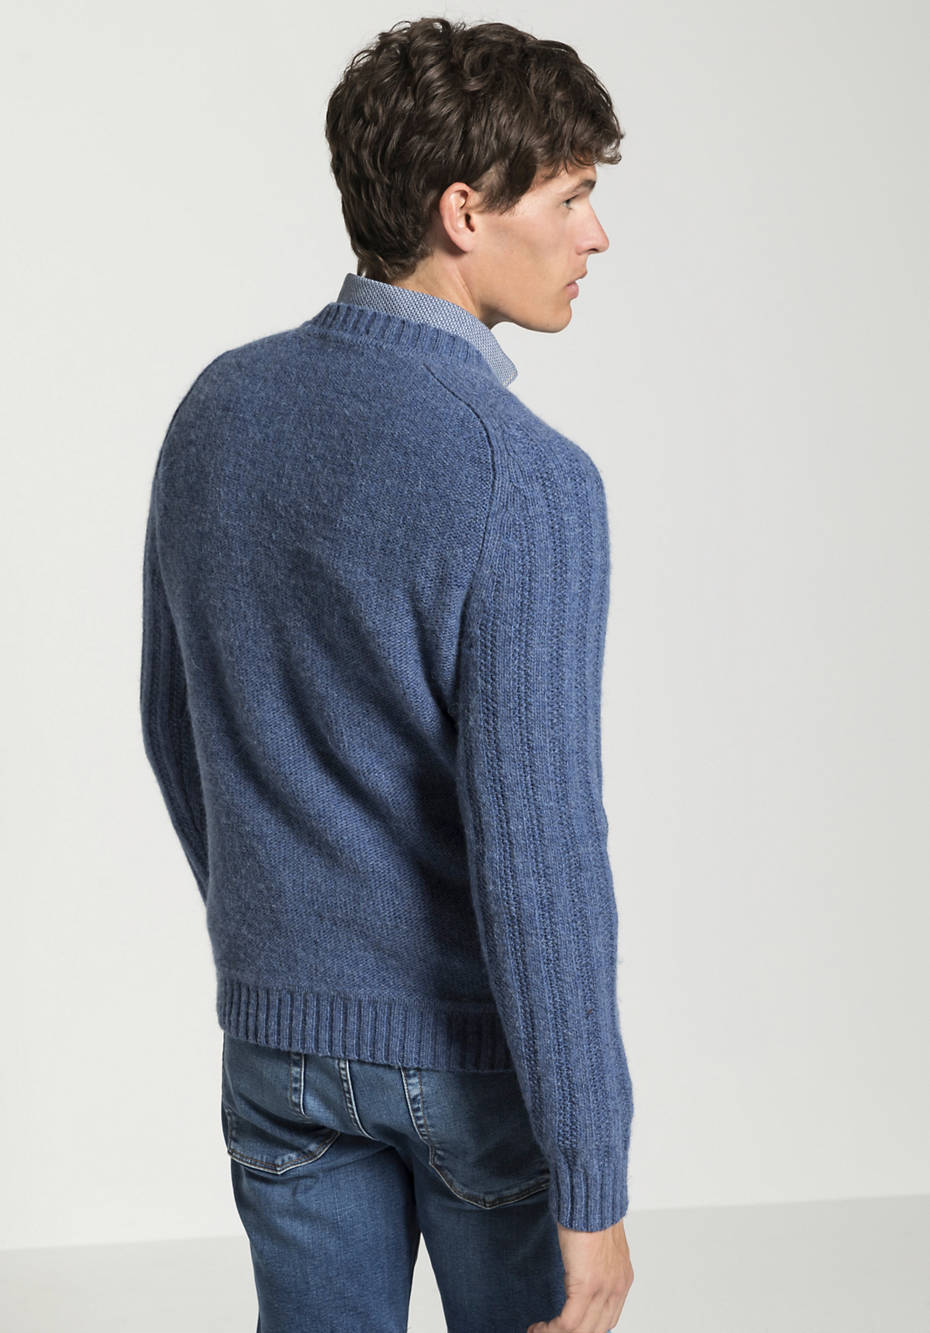 Herren Raglan-Pullover aus Merinowolle, Alpaka und Hanf